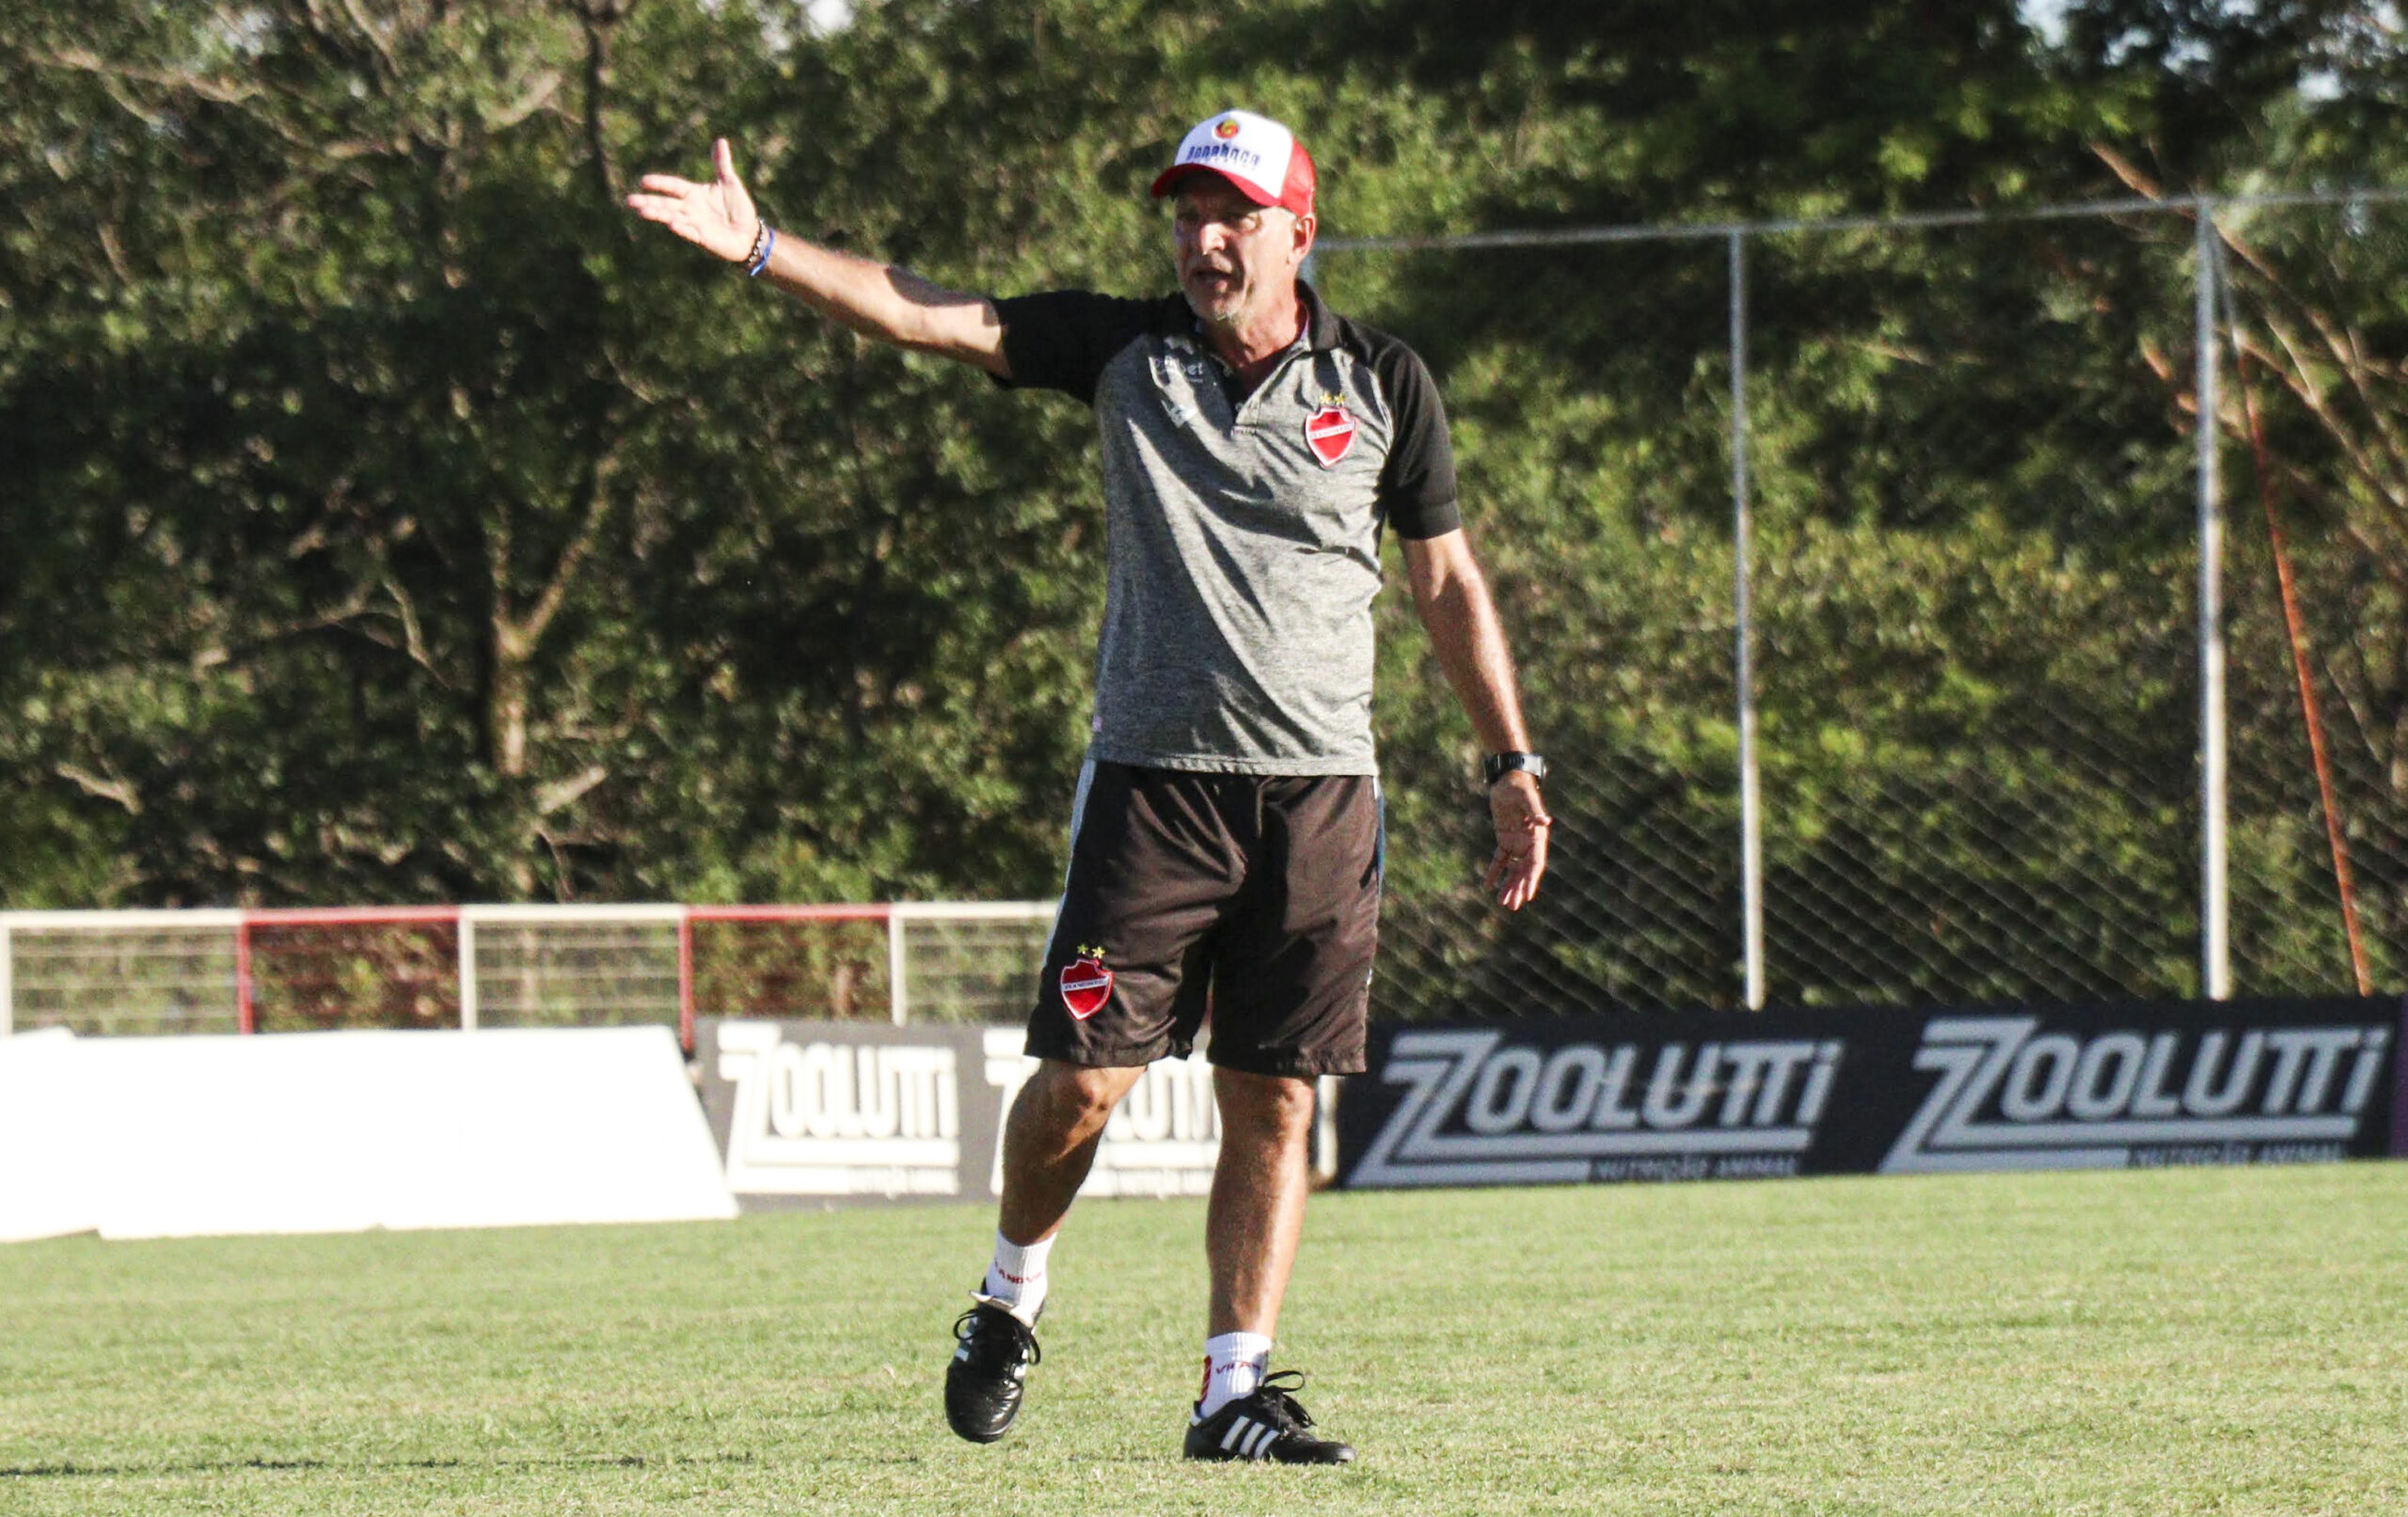 Vila Nova confirma saída de treinador